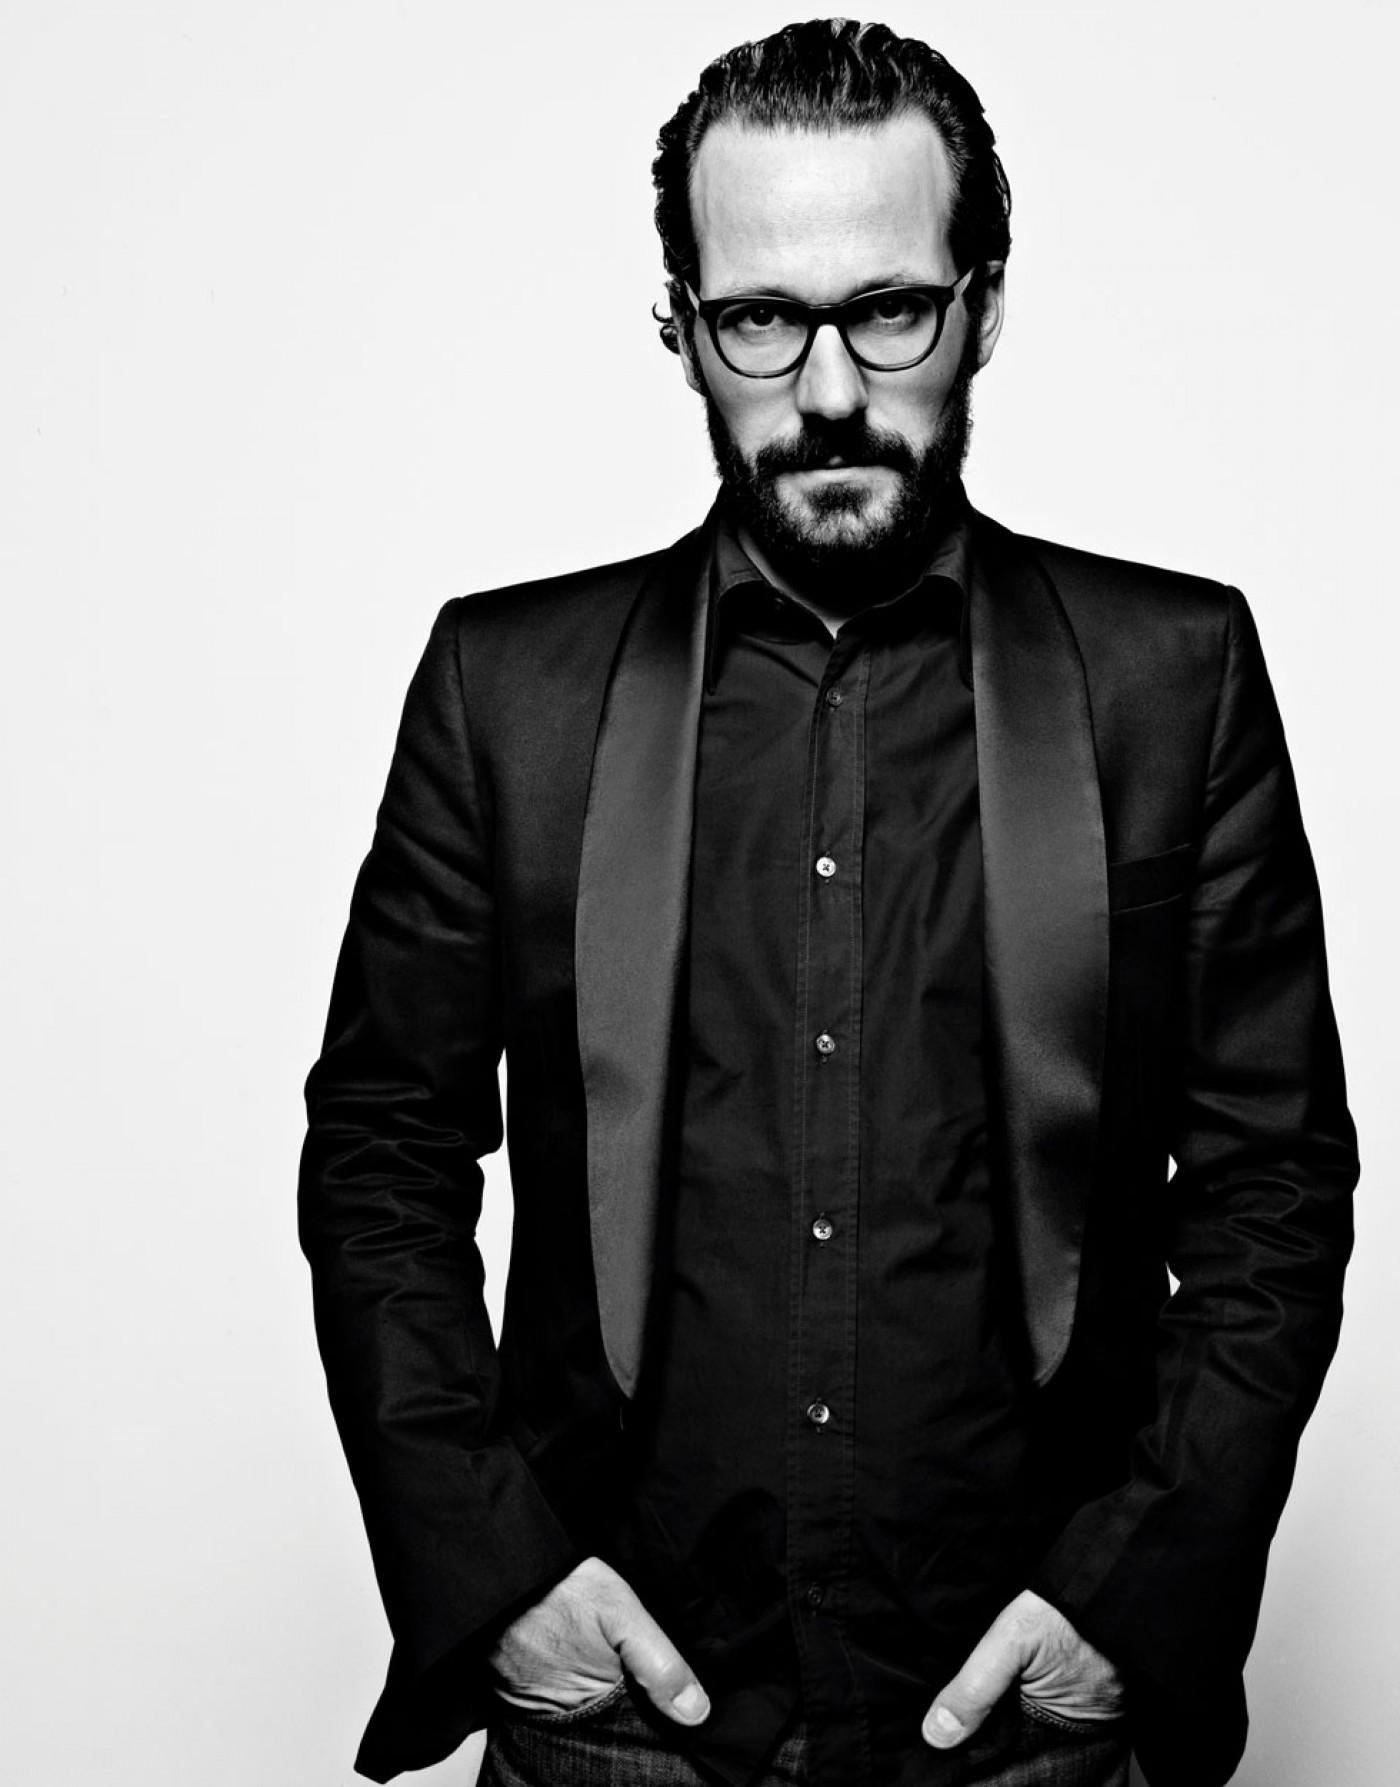 Interview. Konstantin Grcic